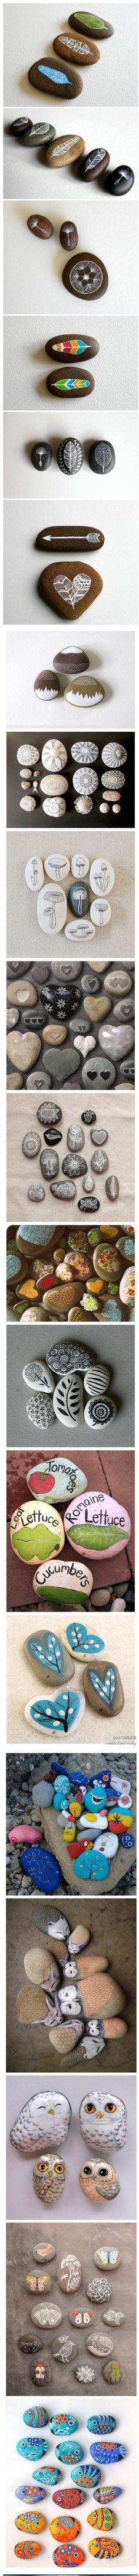 maravilhas em pedra!